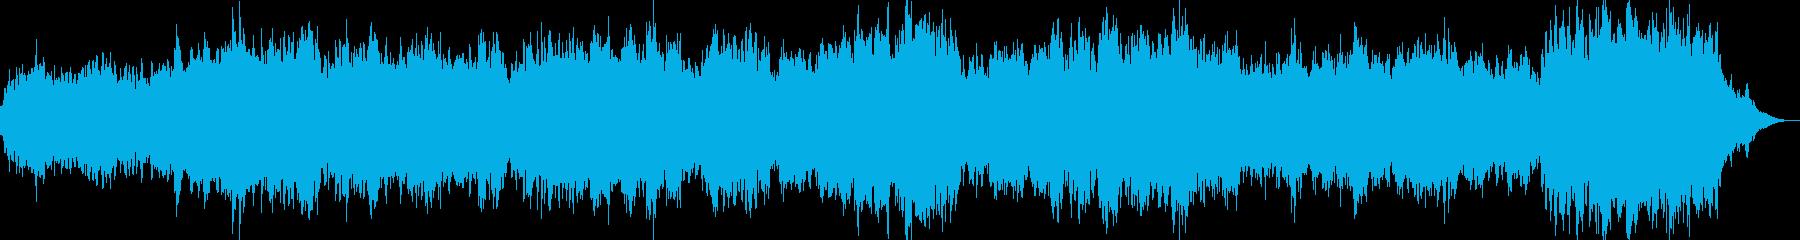 和風な雰囲気の癒し系サウンドの再生済みの波形